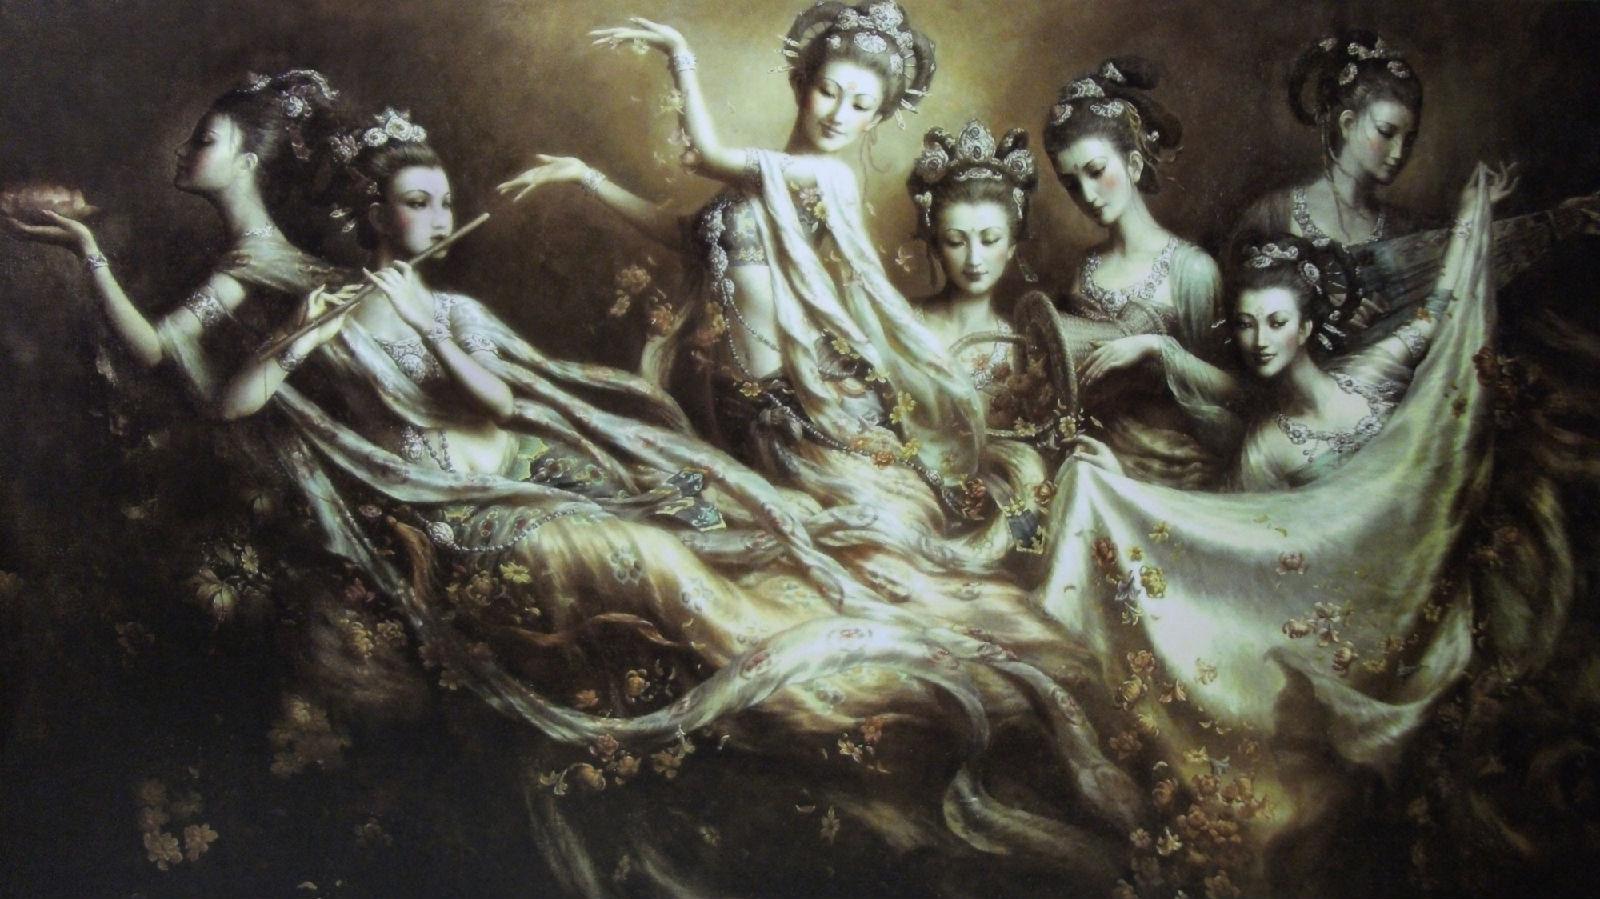 曾浩莫高窟飞天仙女图图片